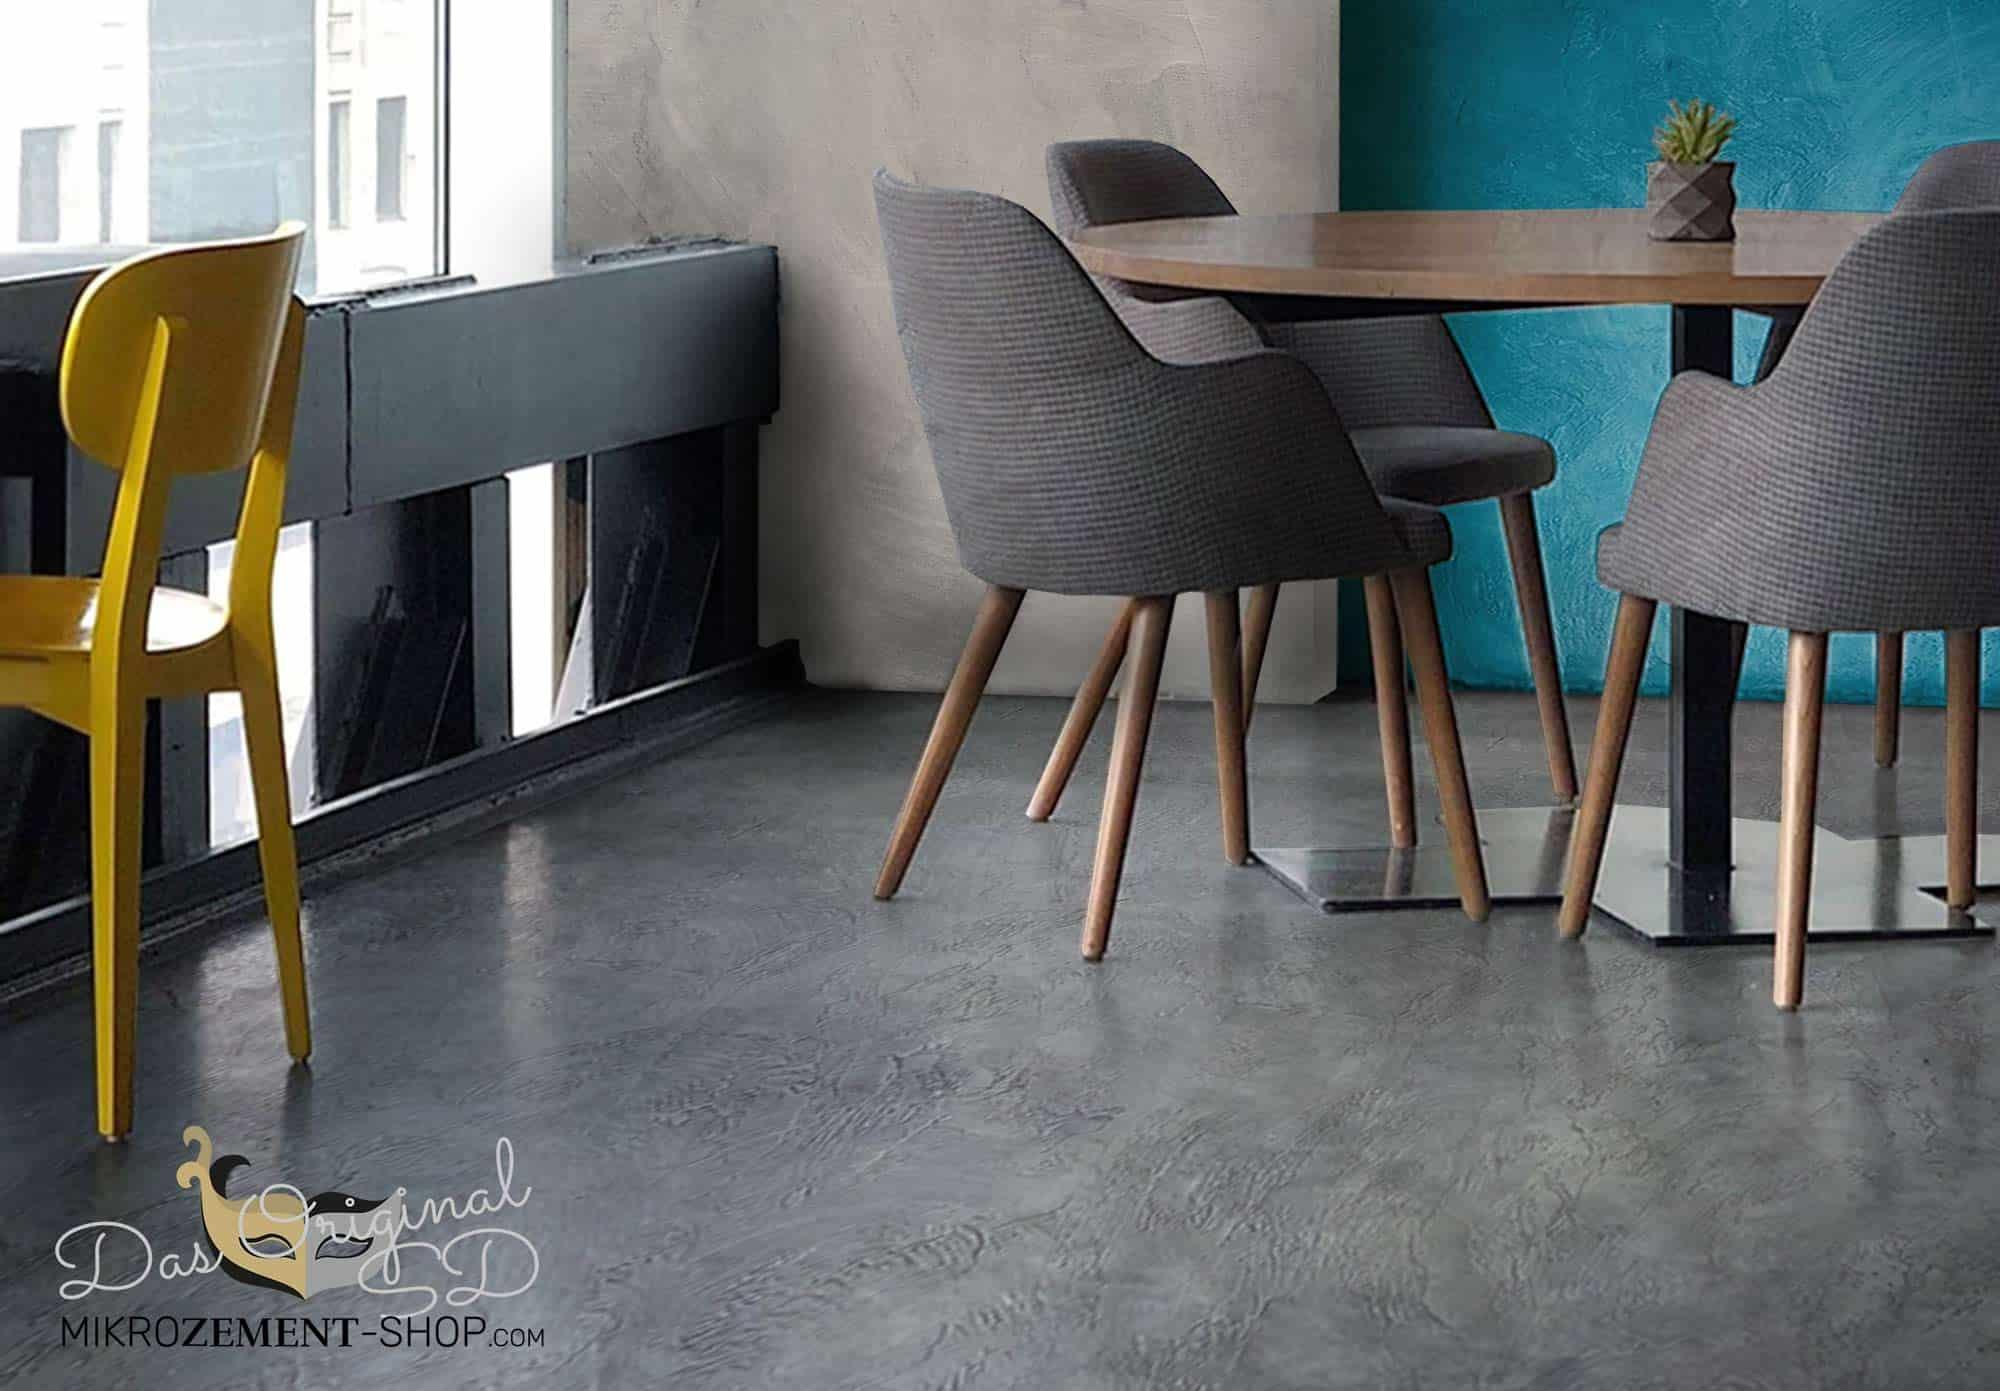 Mikrozement Boden und Wand im Cafe